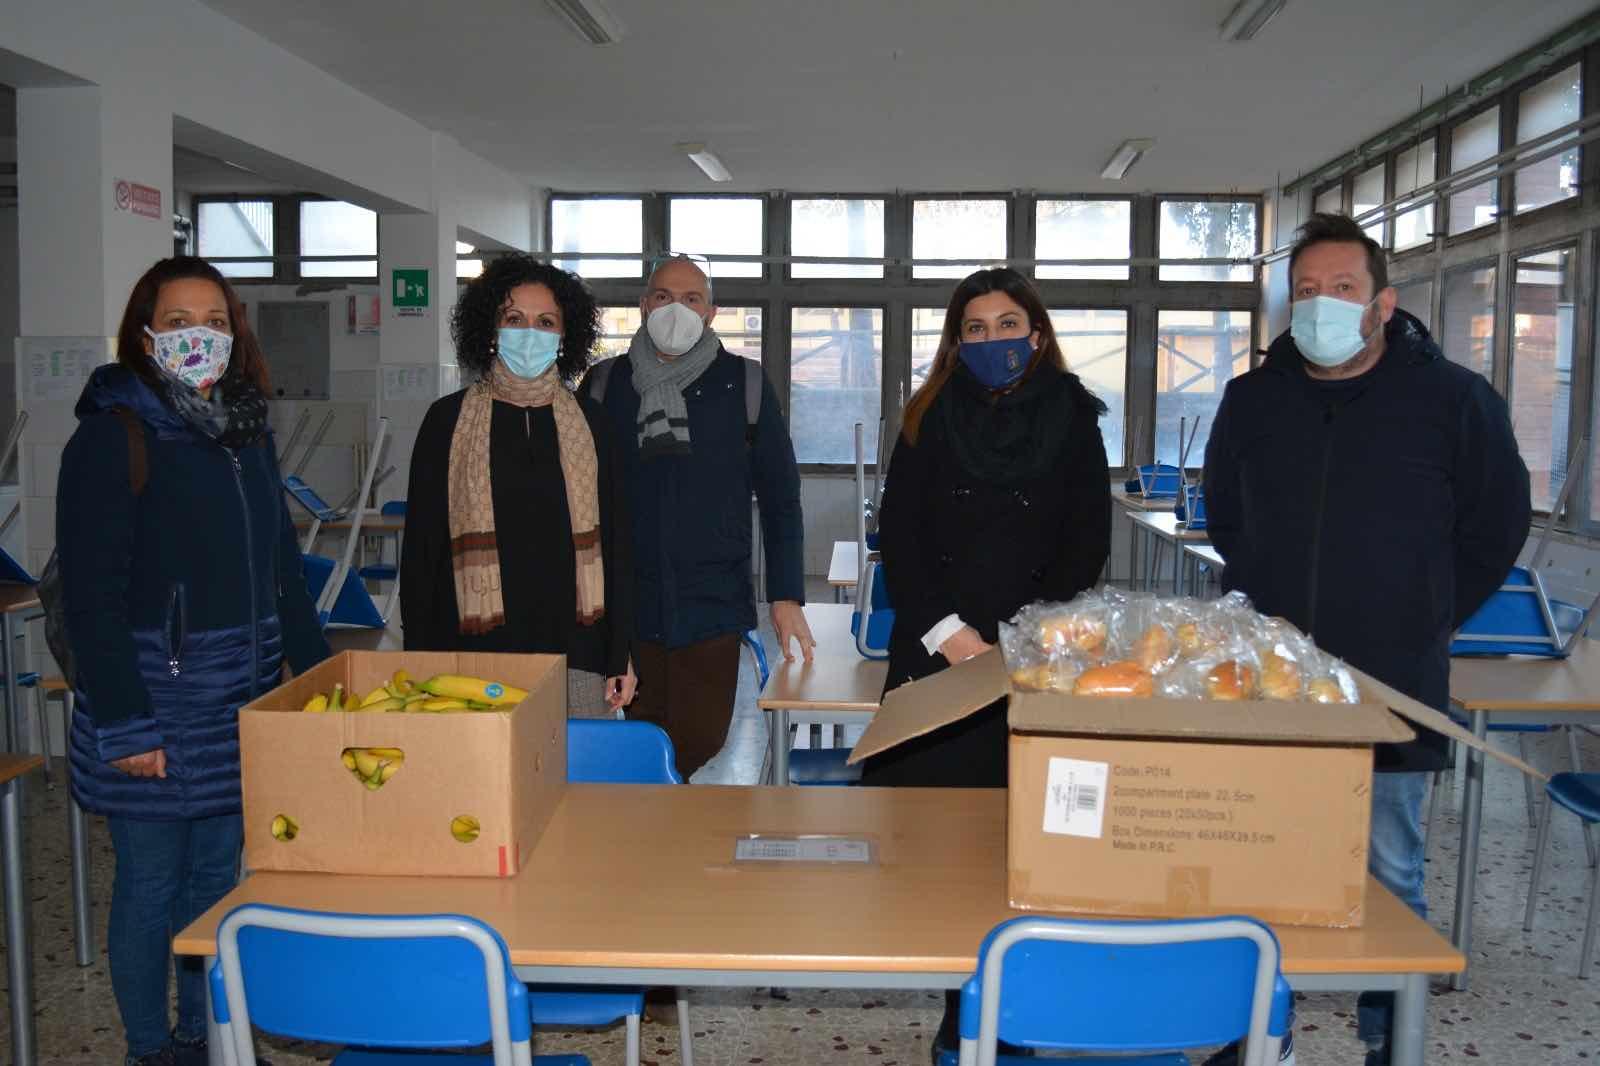 Pomezia, lotta agli sprechi: consegnato cibo alla Parrocchia di San Bonifacio 1